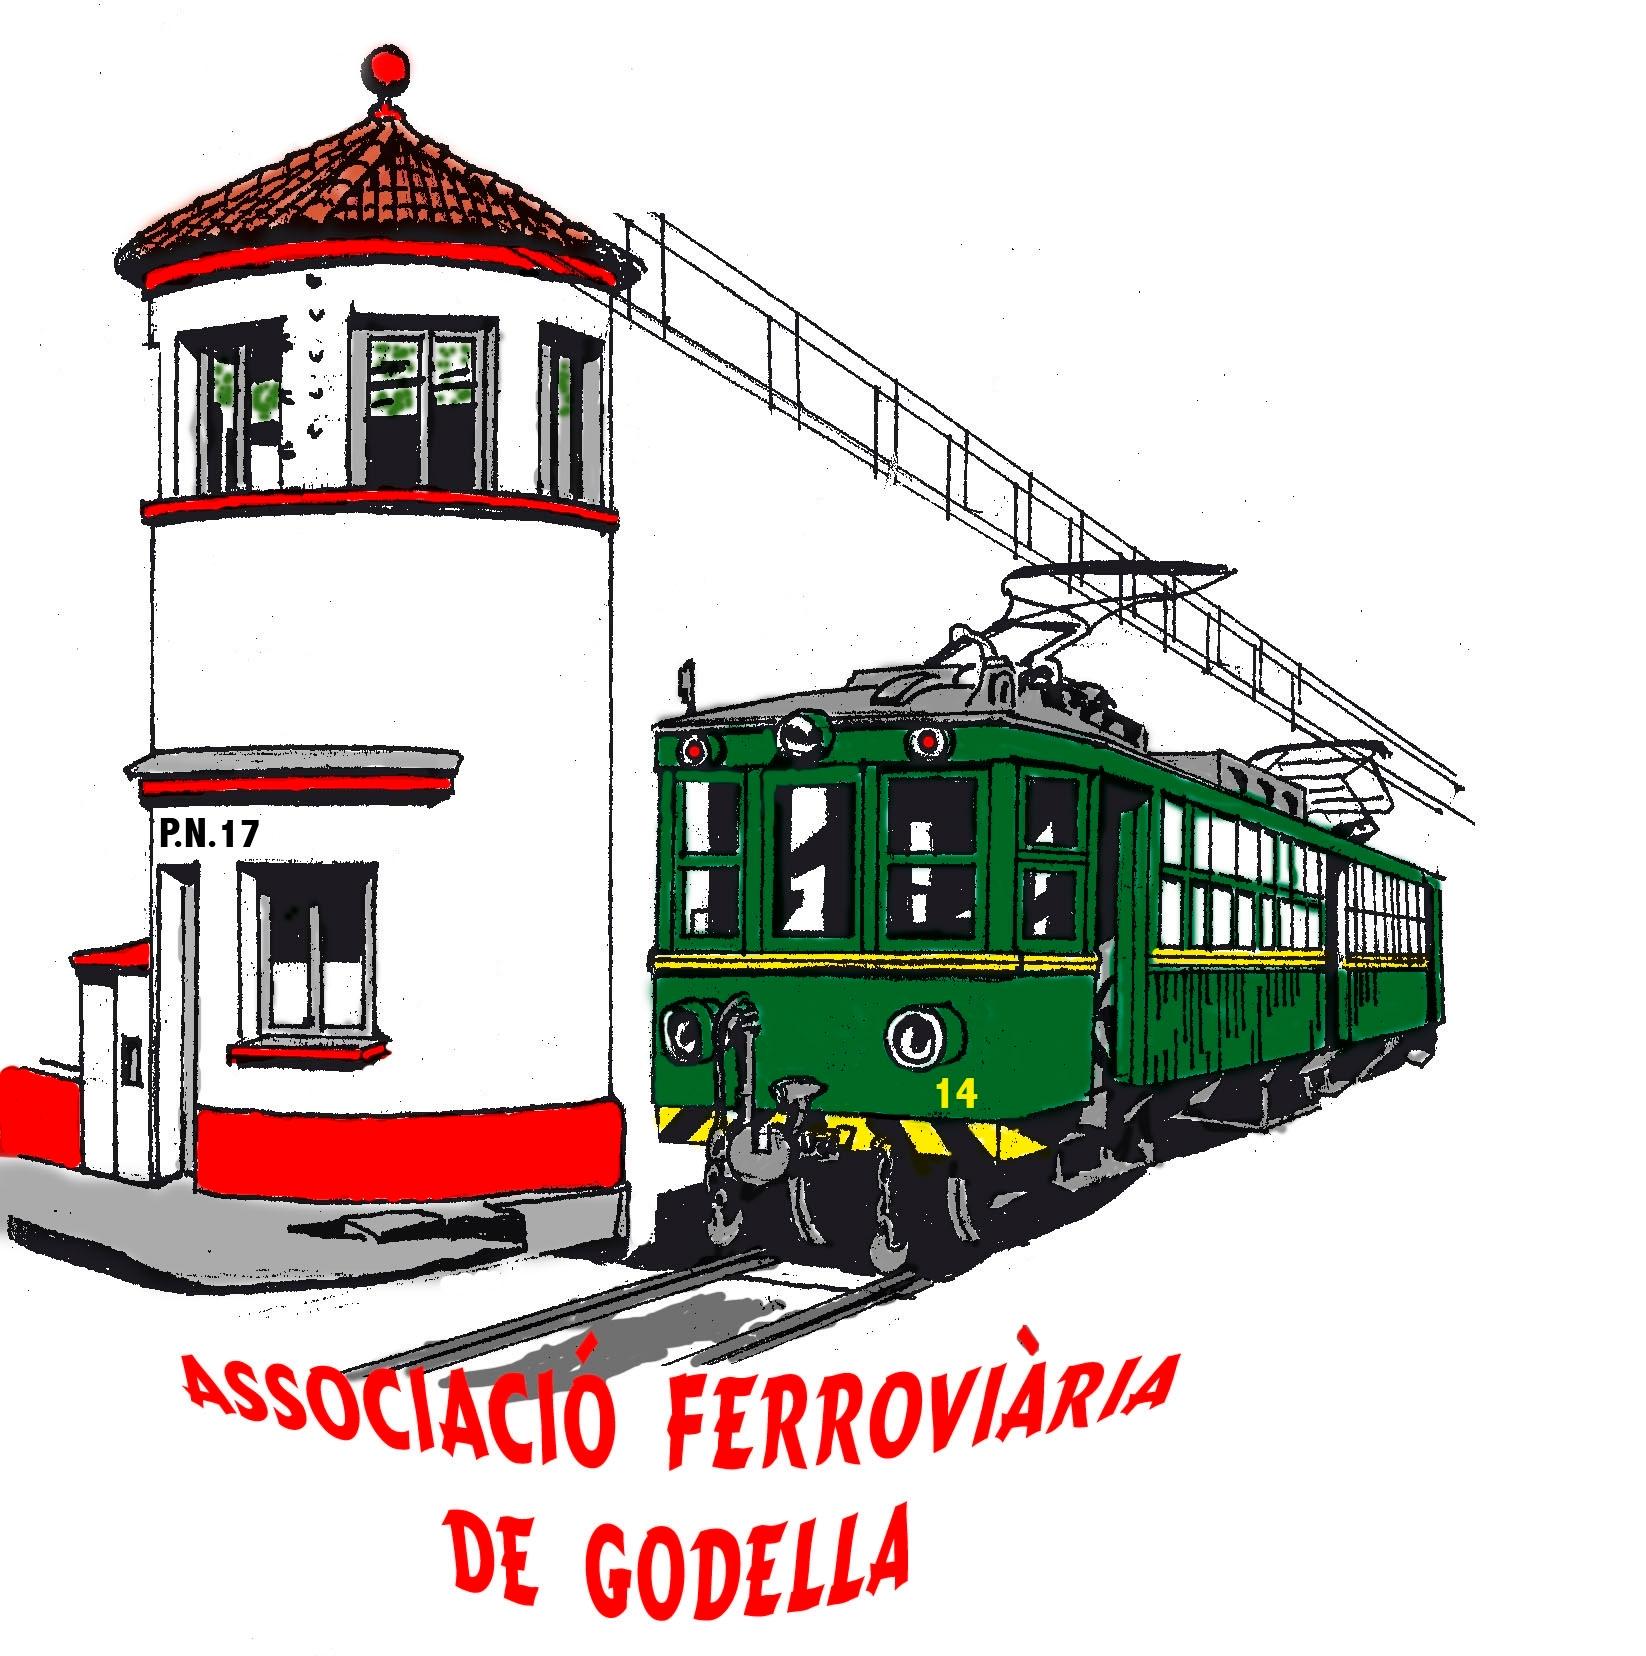 Emblema de l'Associació Ferroviària de Godella